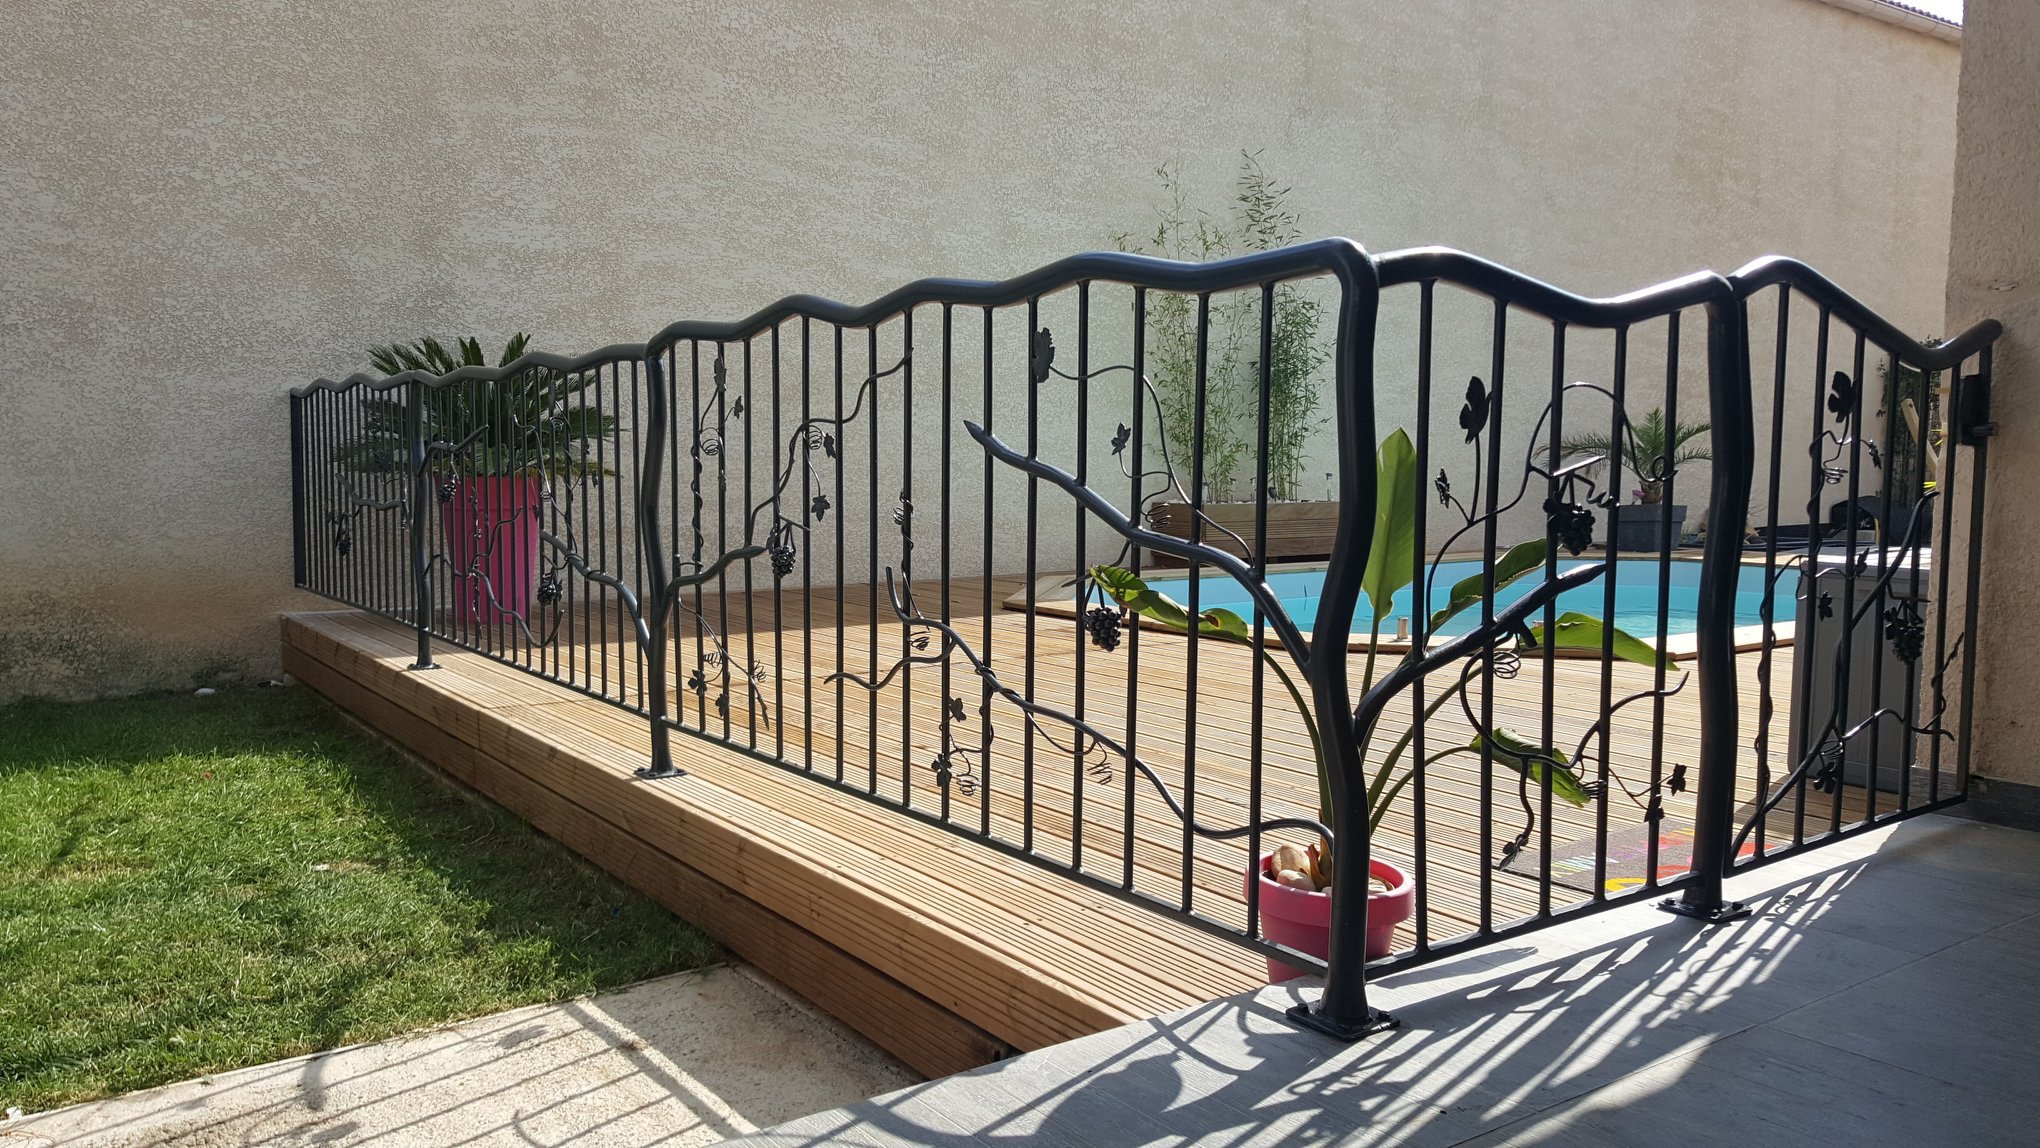 Conception et fabrication complète par notre client d'un garde corps en fer forgé pour protection piscine -  Réalisation à  partir de notre gamme de pièces détachées - Localisation Provence